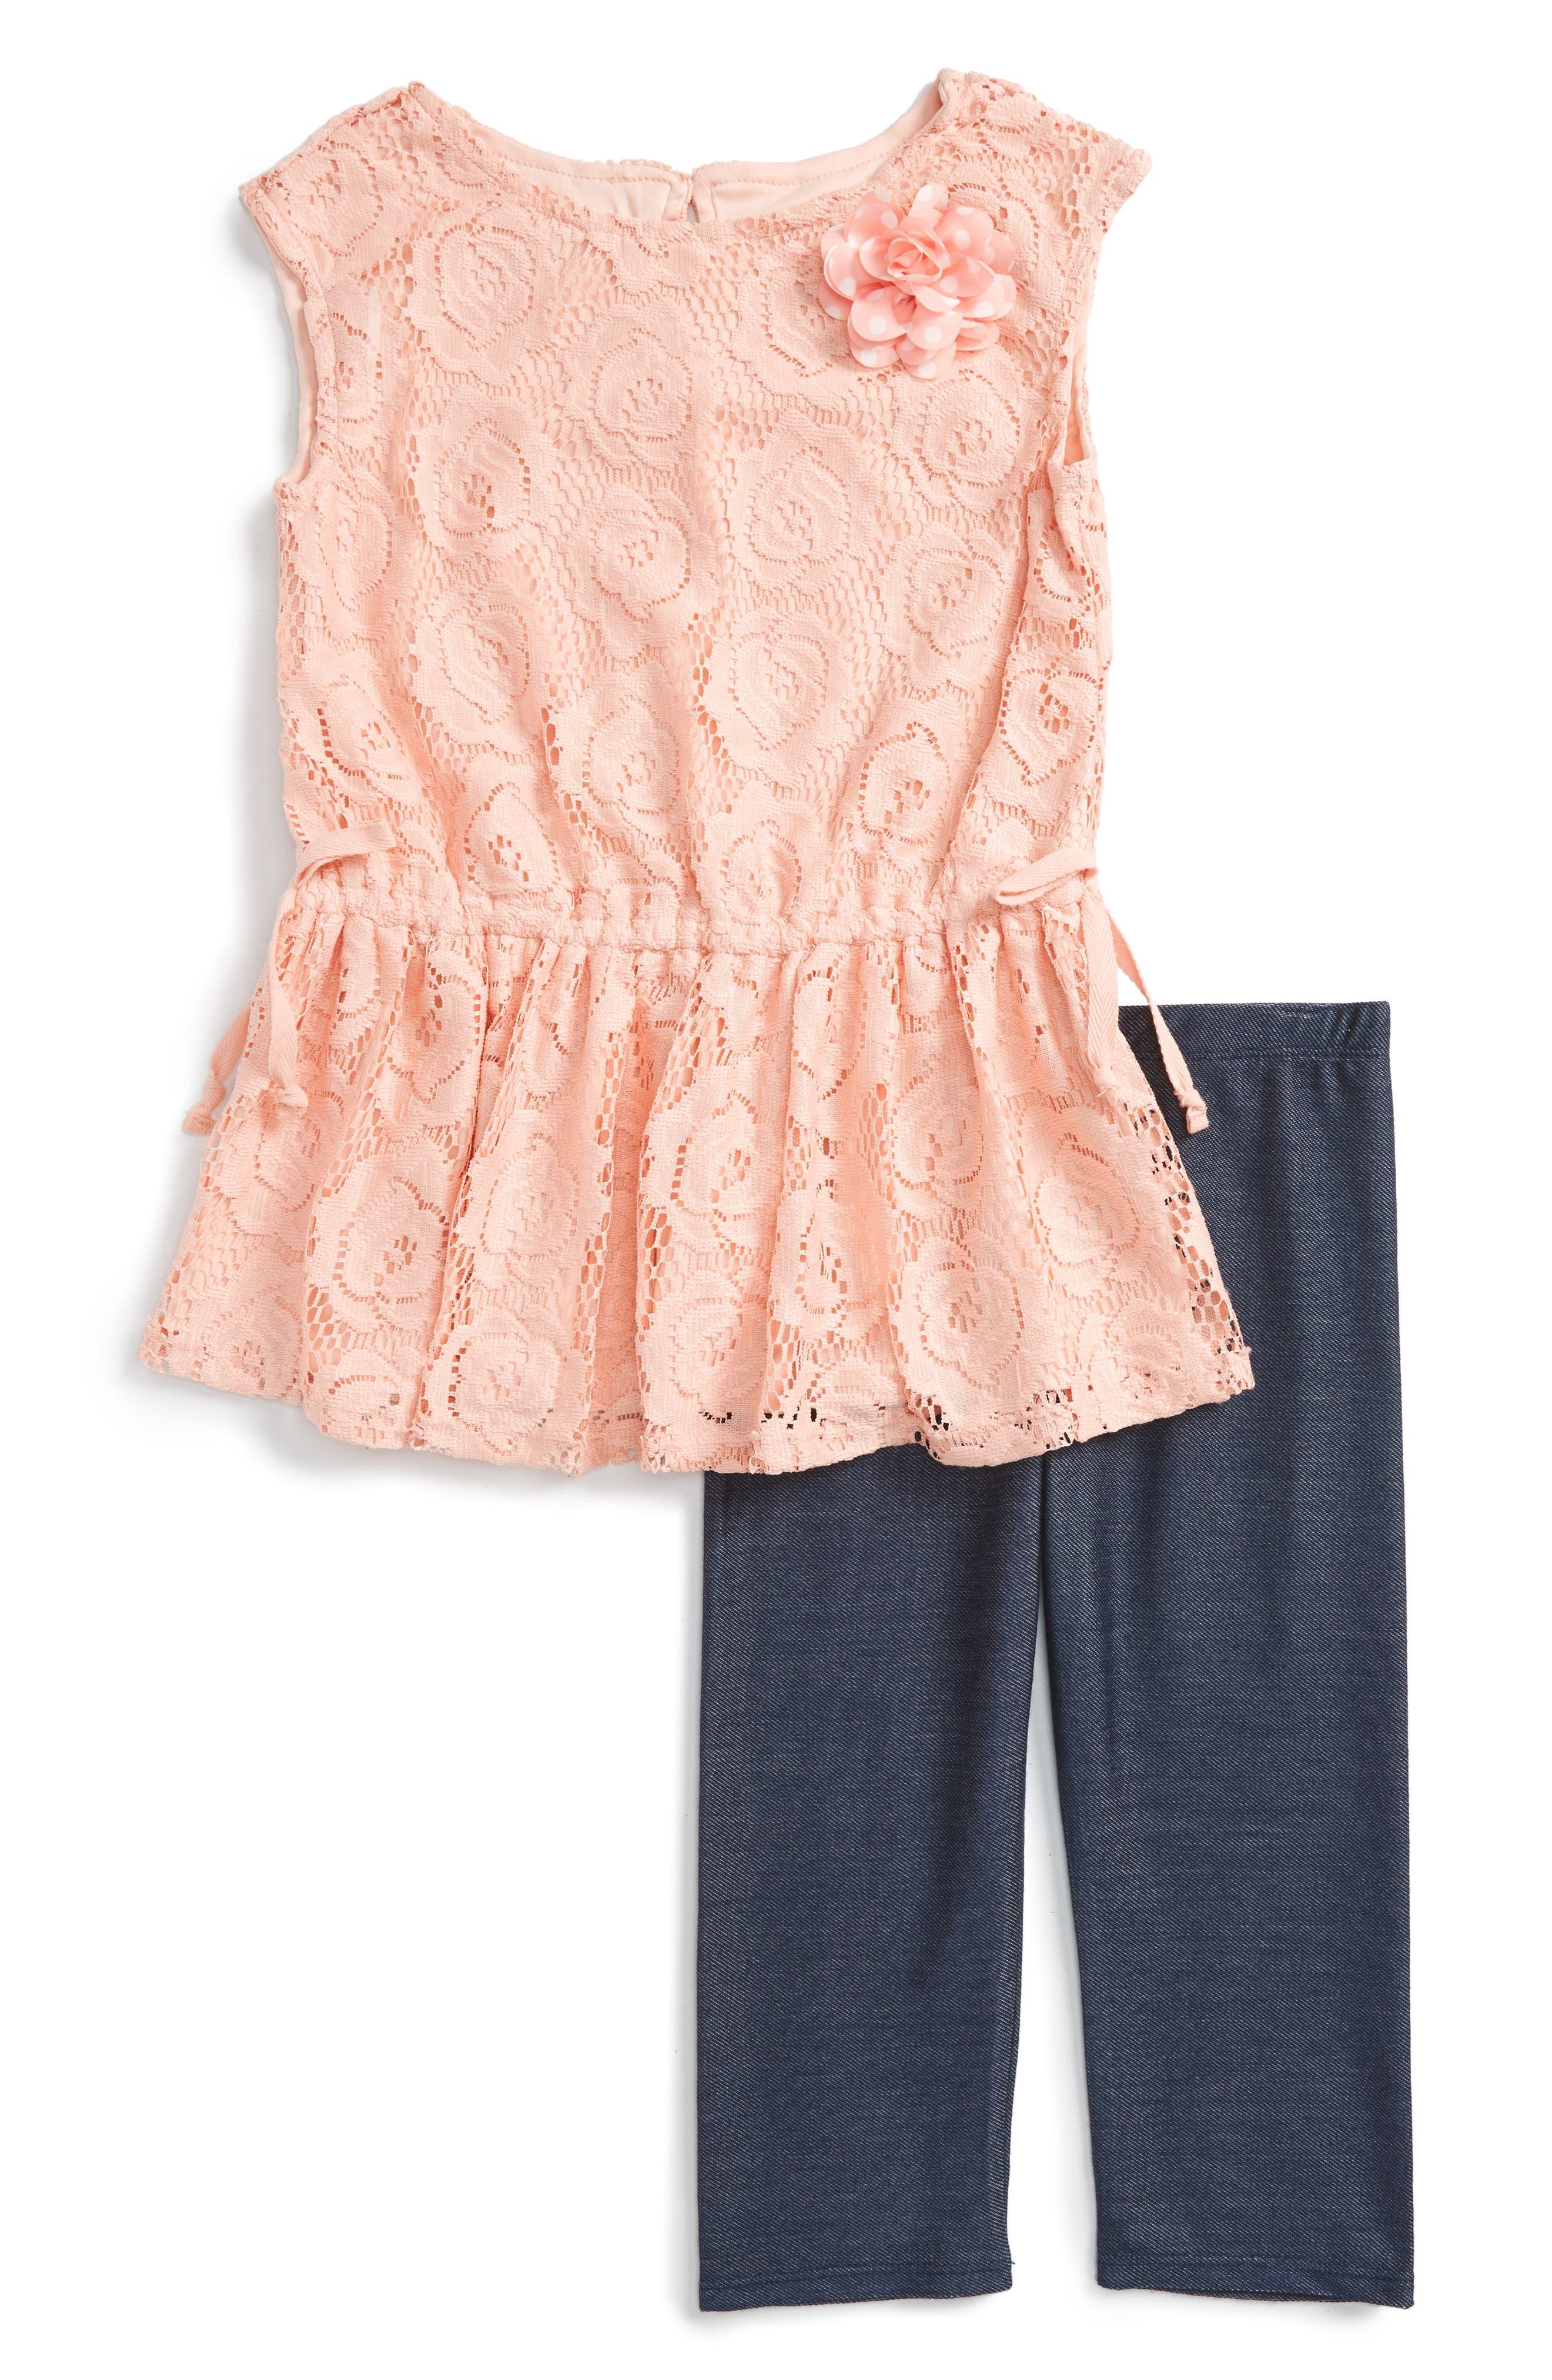 Main Image - Pippa & Julie Lace Tunic & Leggings Set (Toddler Girls & Little Girls)